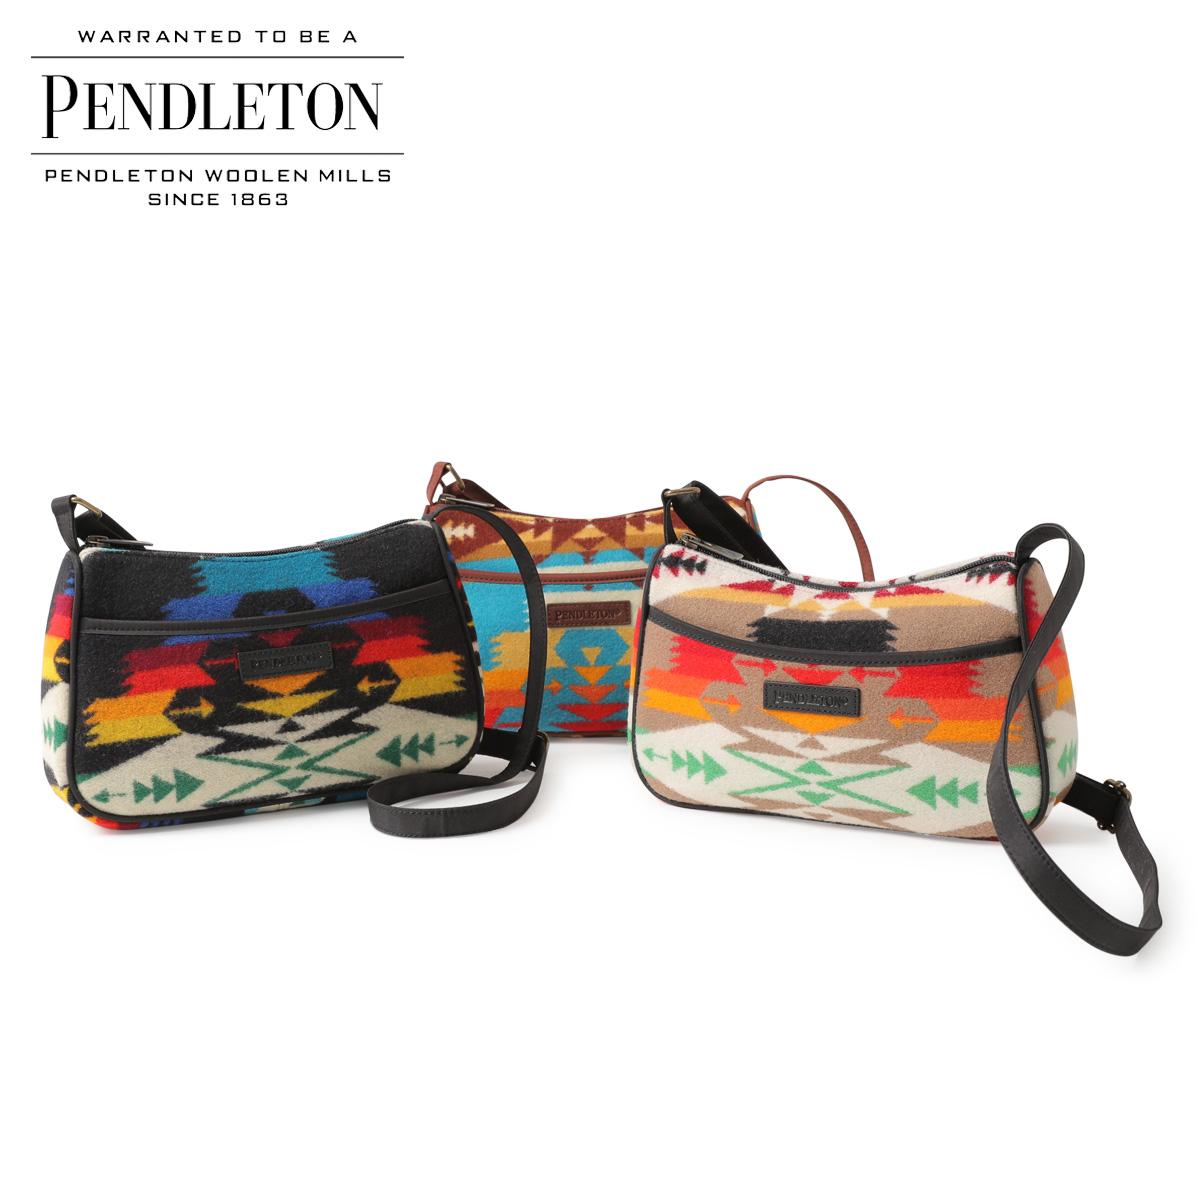 PENDLETON ペンドルトン バッグ ショルダーバッグ CROSSBODY BAG メンズ レディース ブラック 黒 カーキ ターコイズ GD147